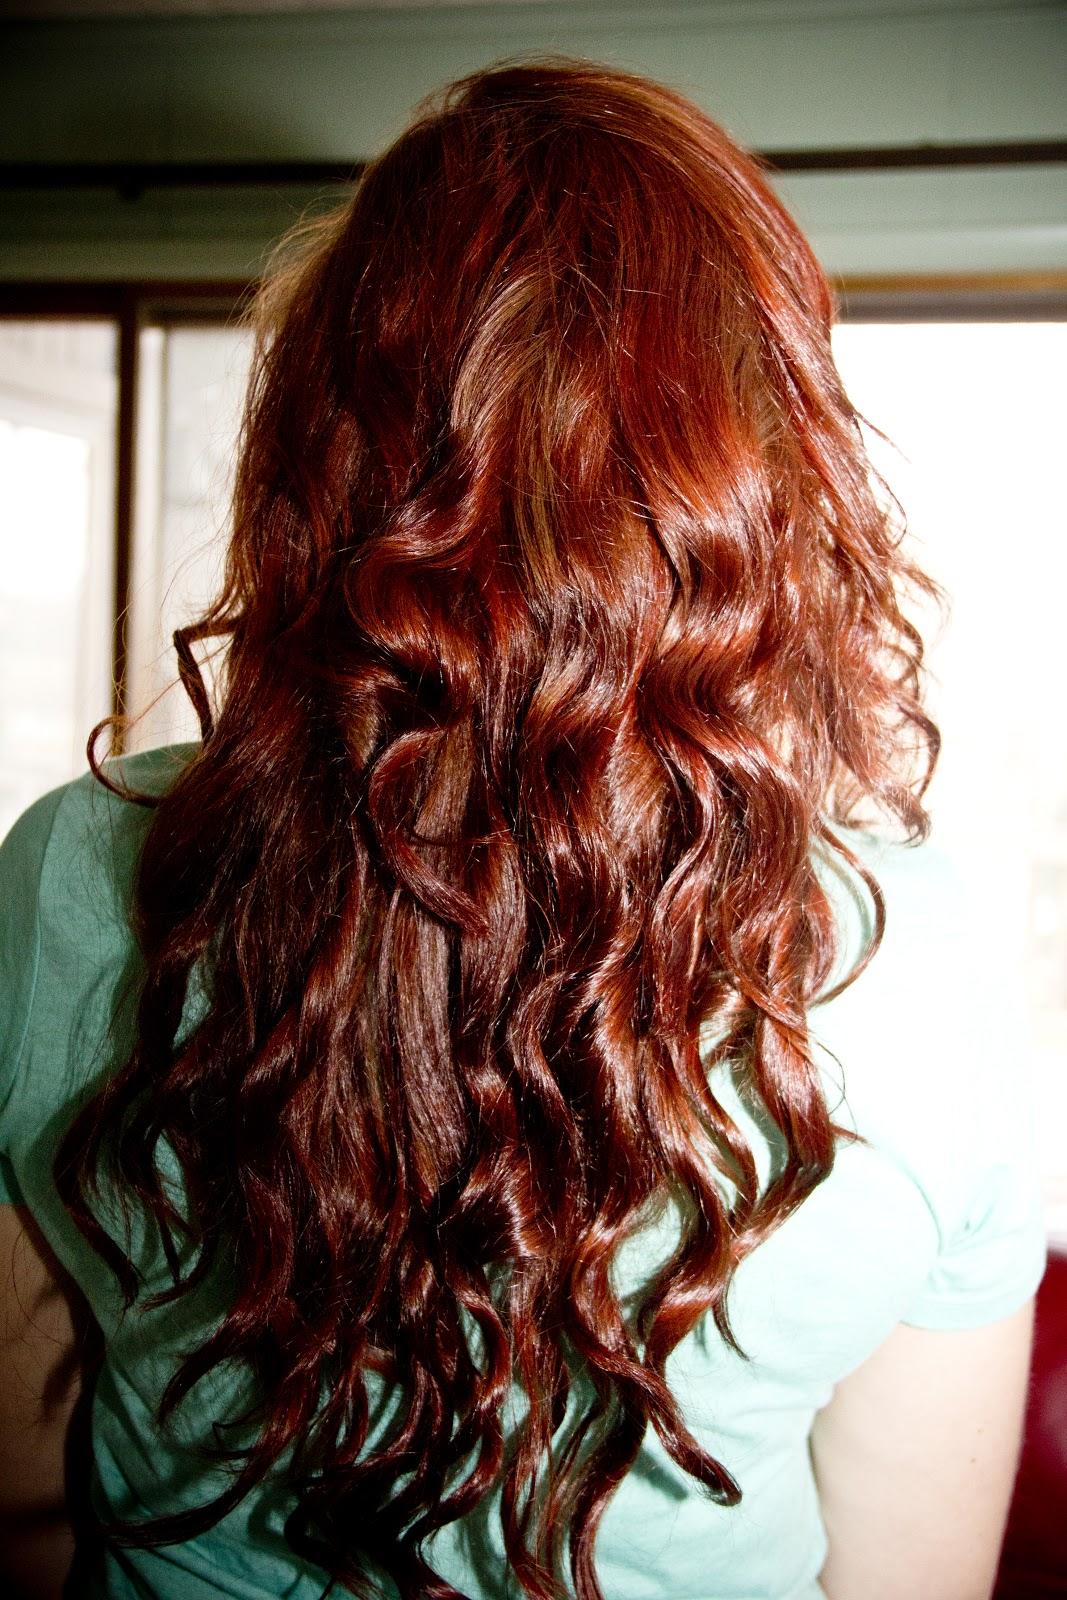 Корица это какой цвет волос